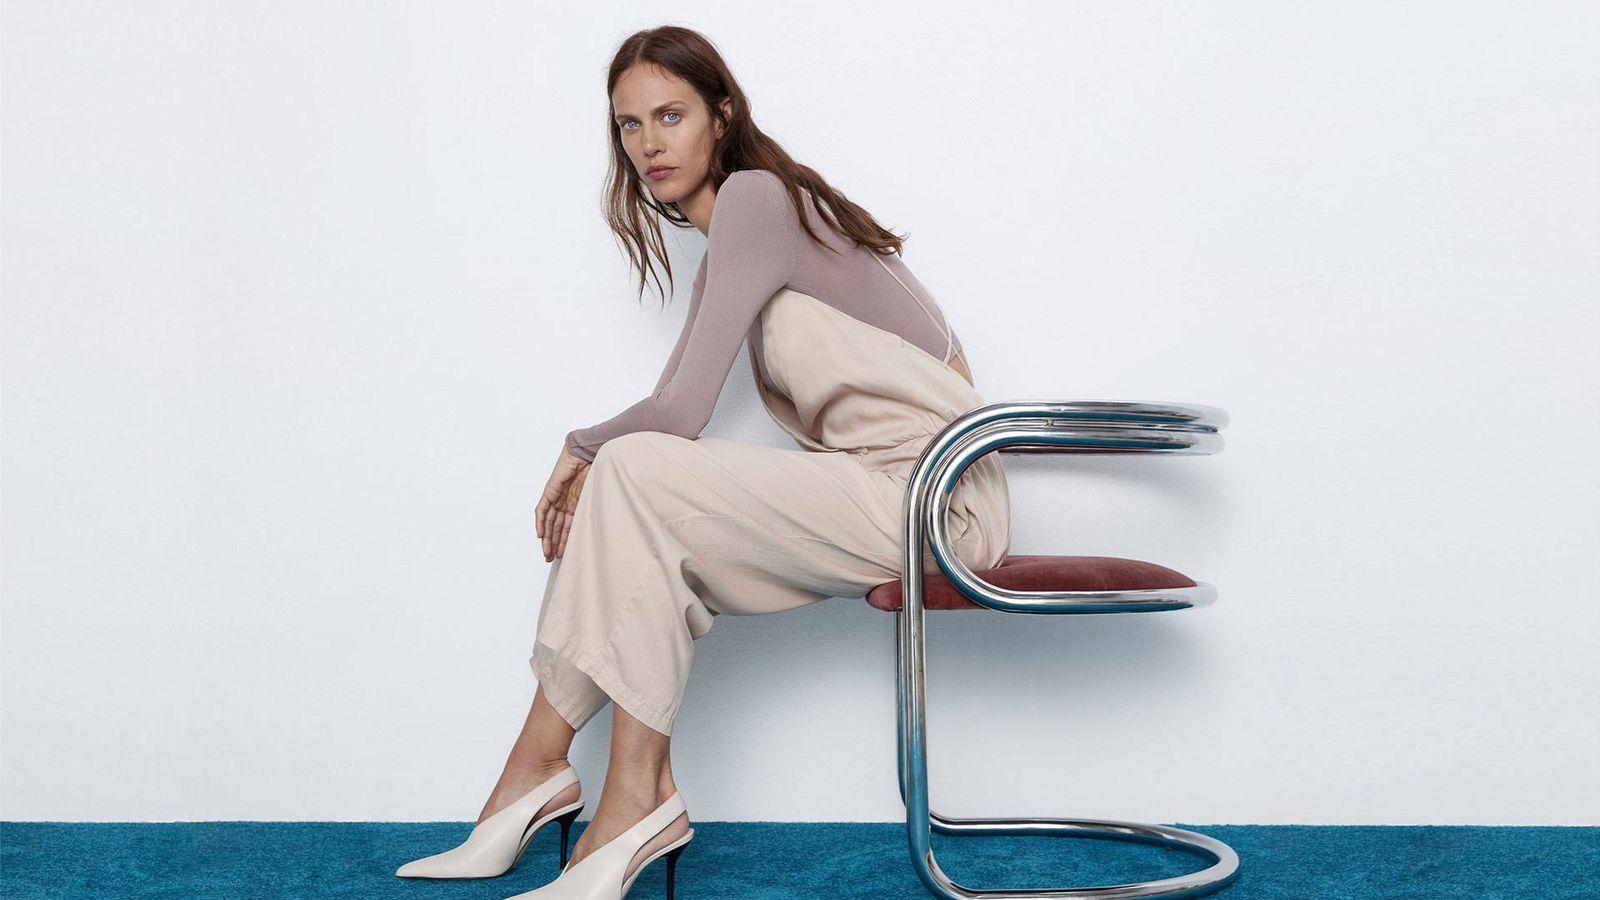 Foto: Zara apuesta por la moda sostenible. (Cortesía)